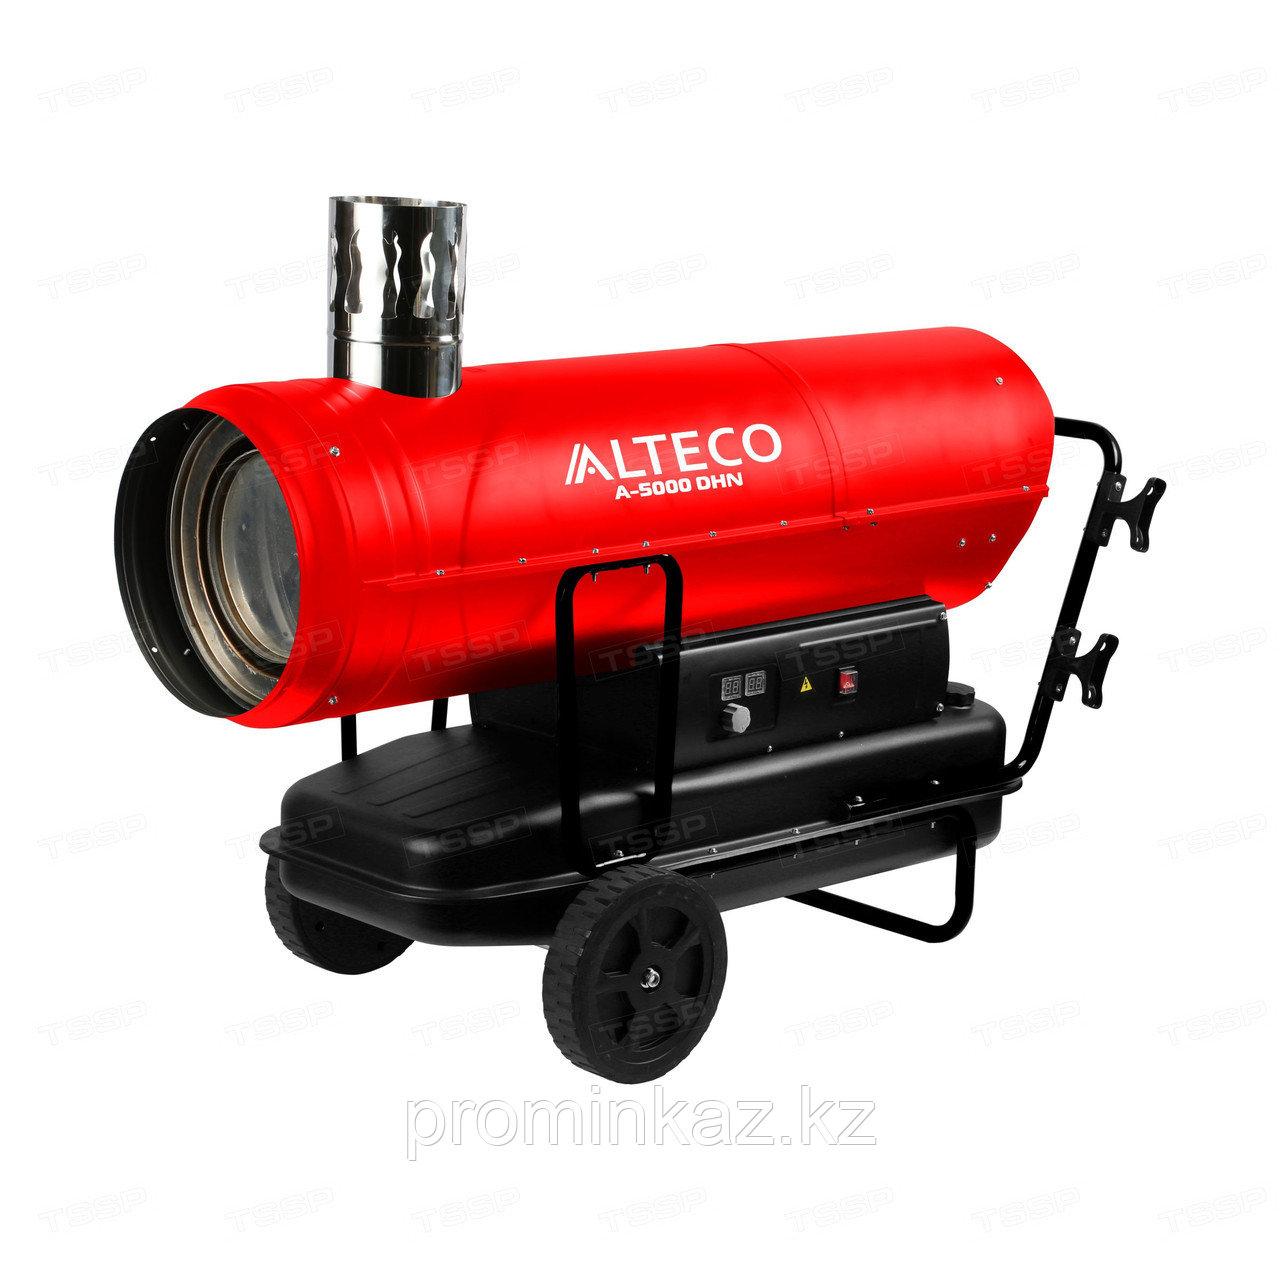 Нагреватель на жидк.топливе ALTECO A-8000DHN (80 кВт)